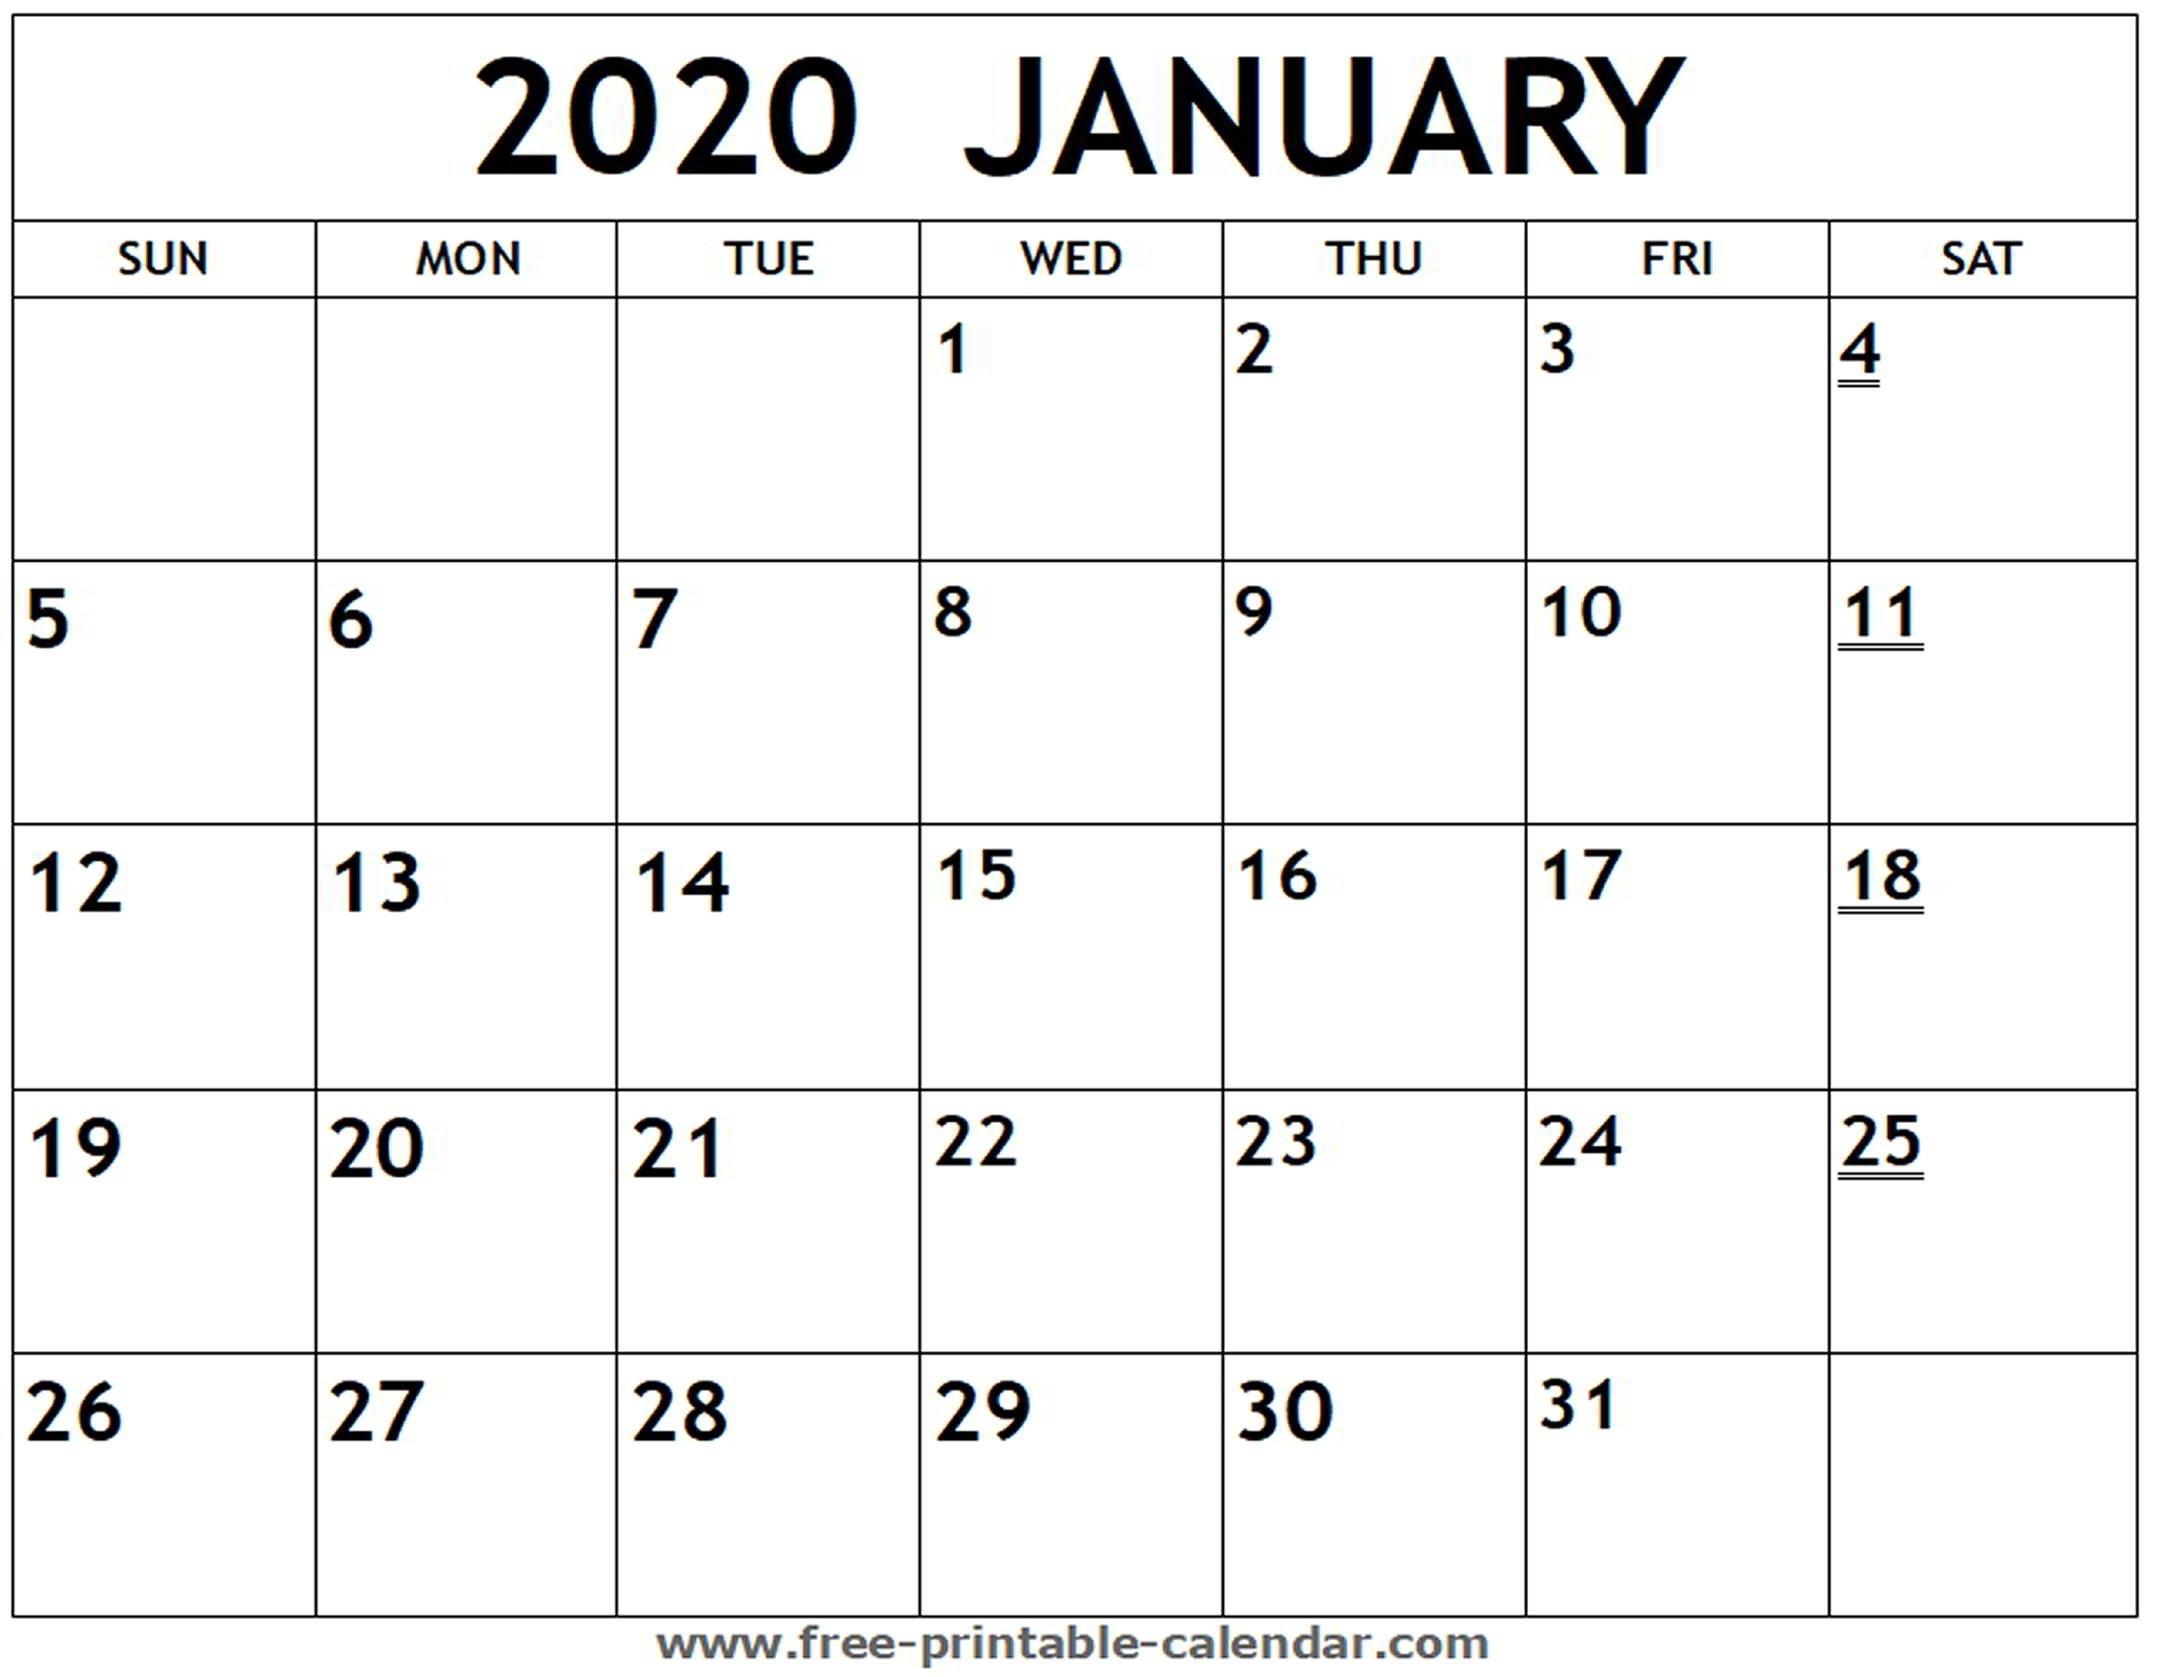 Printable 2020 January Calendar - Free-Printable-Calendar-Printable Monthly Calendar 2020